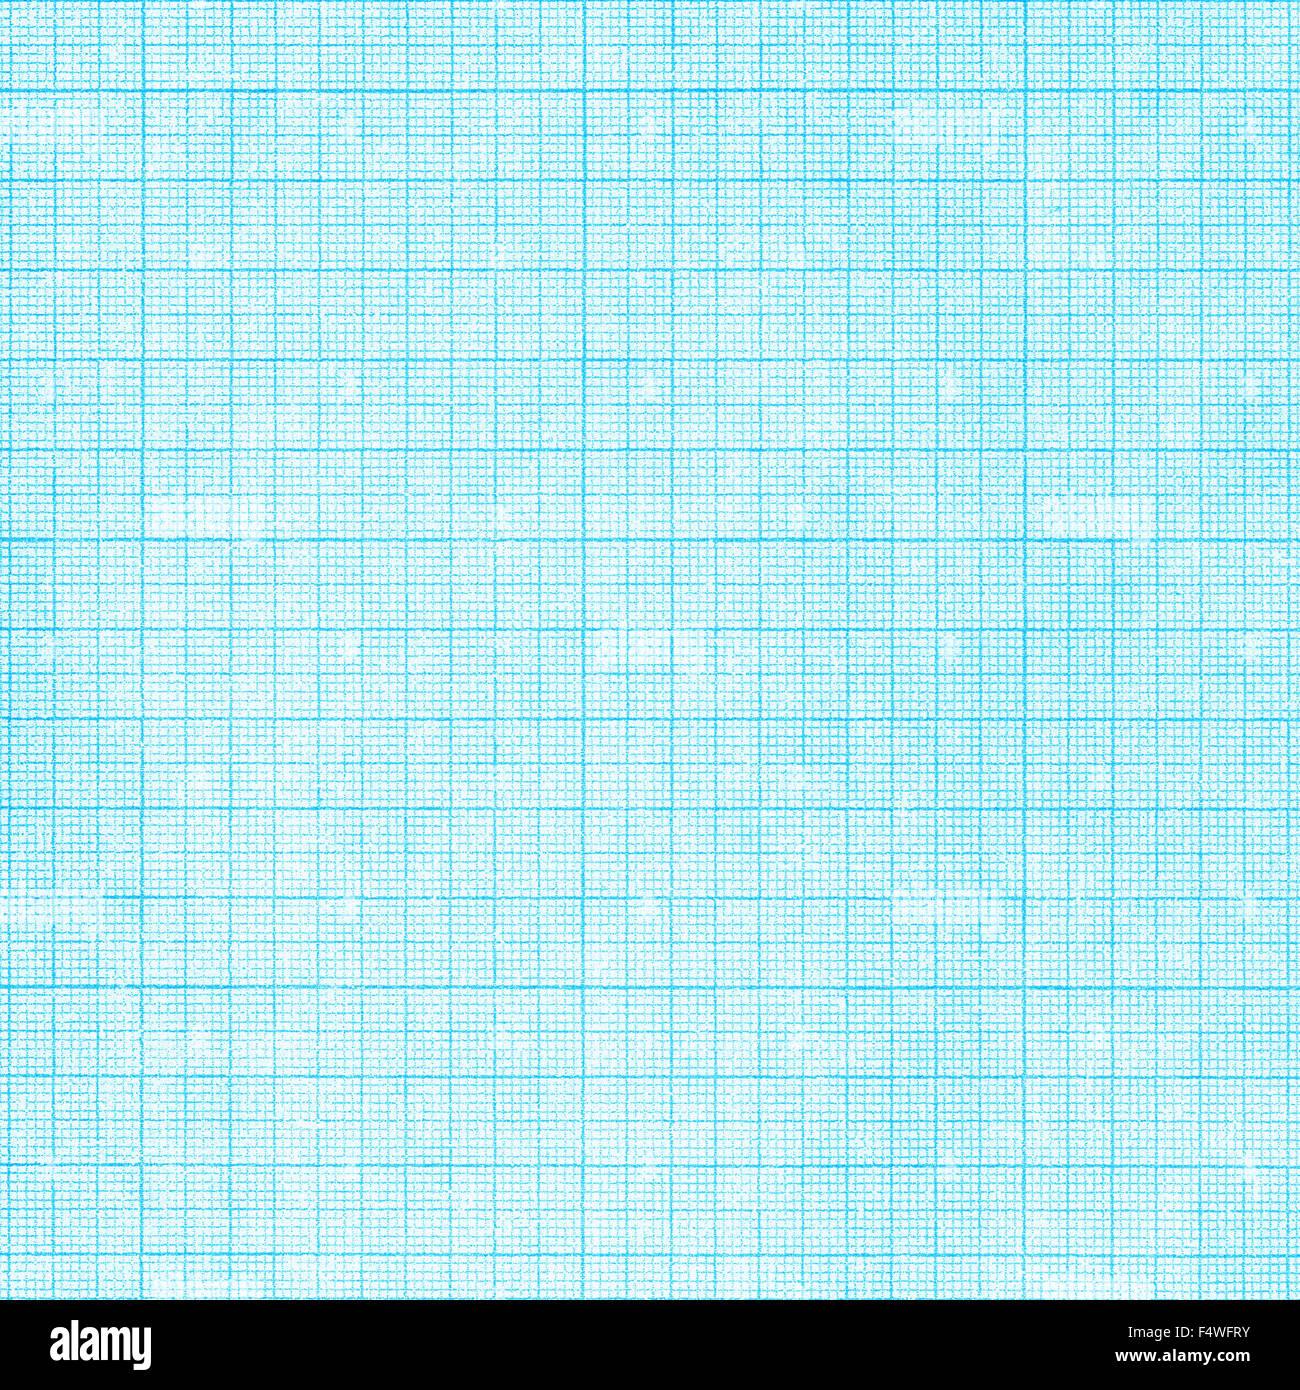 Free graph paper texture vatozozdevelopment free graph paper texture malvernweather Gallery